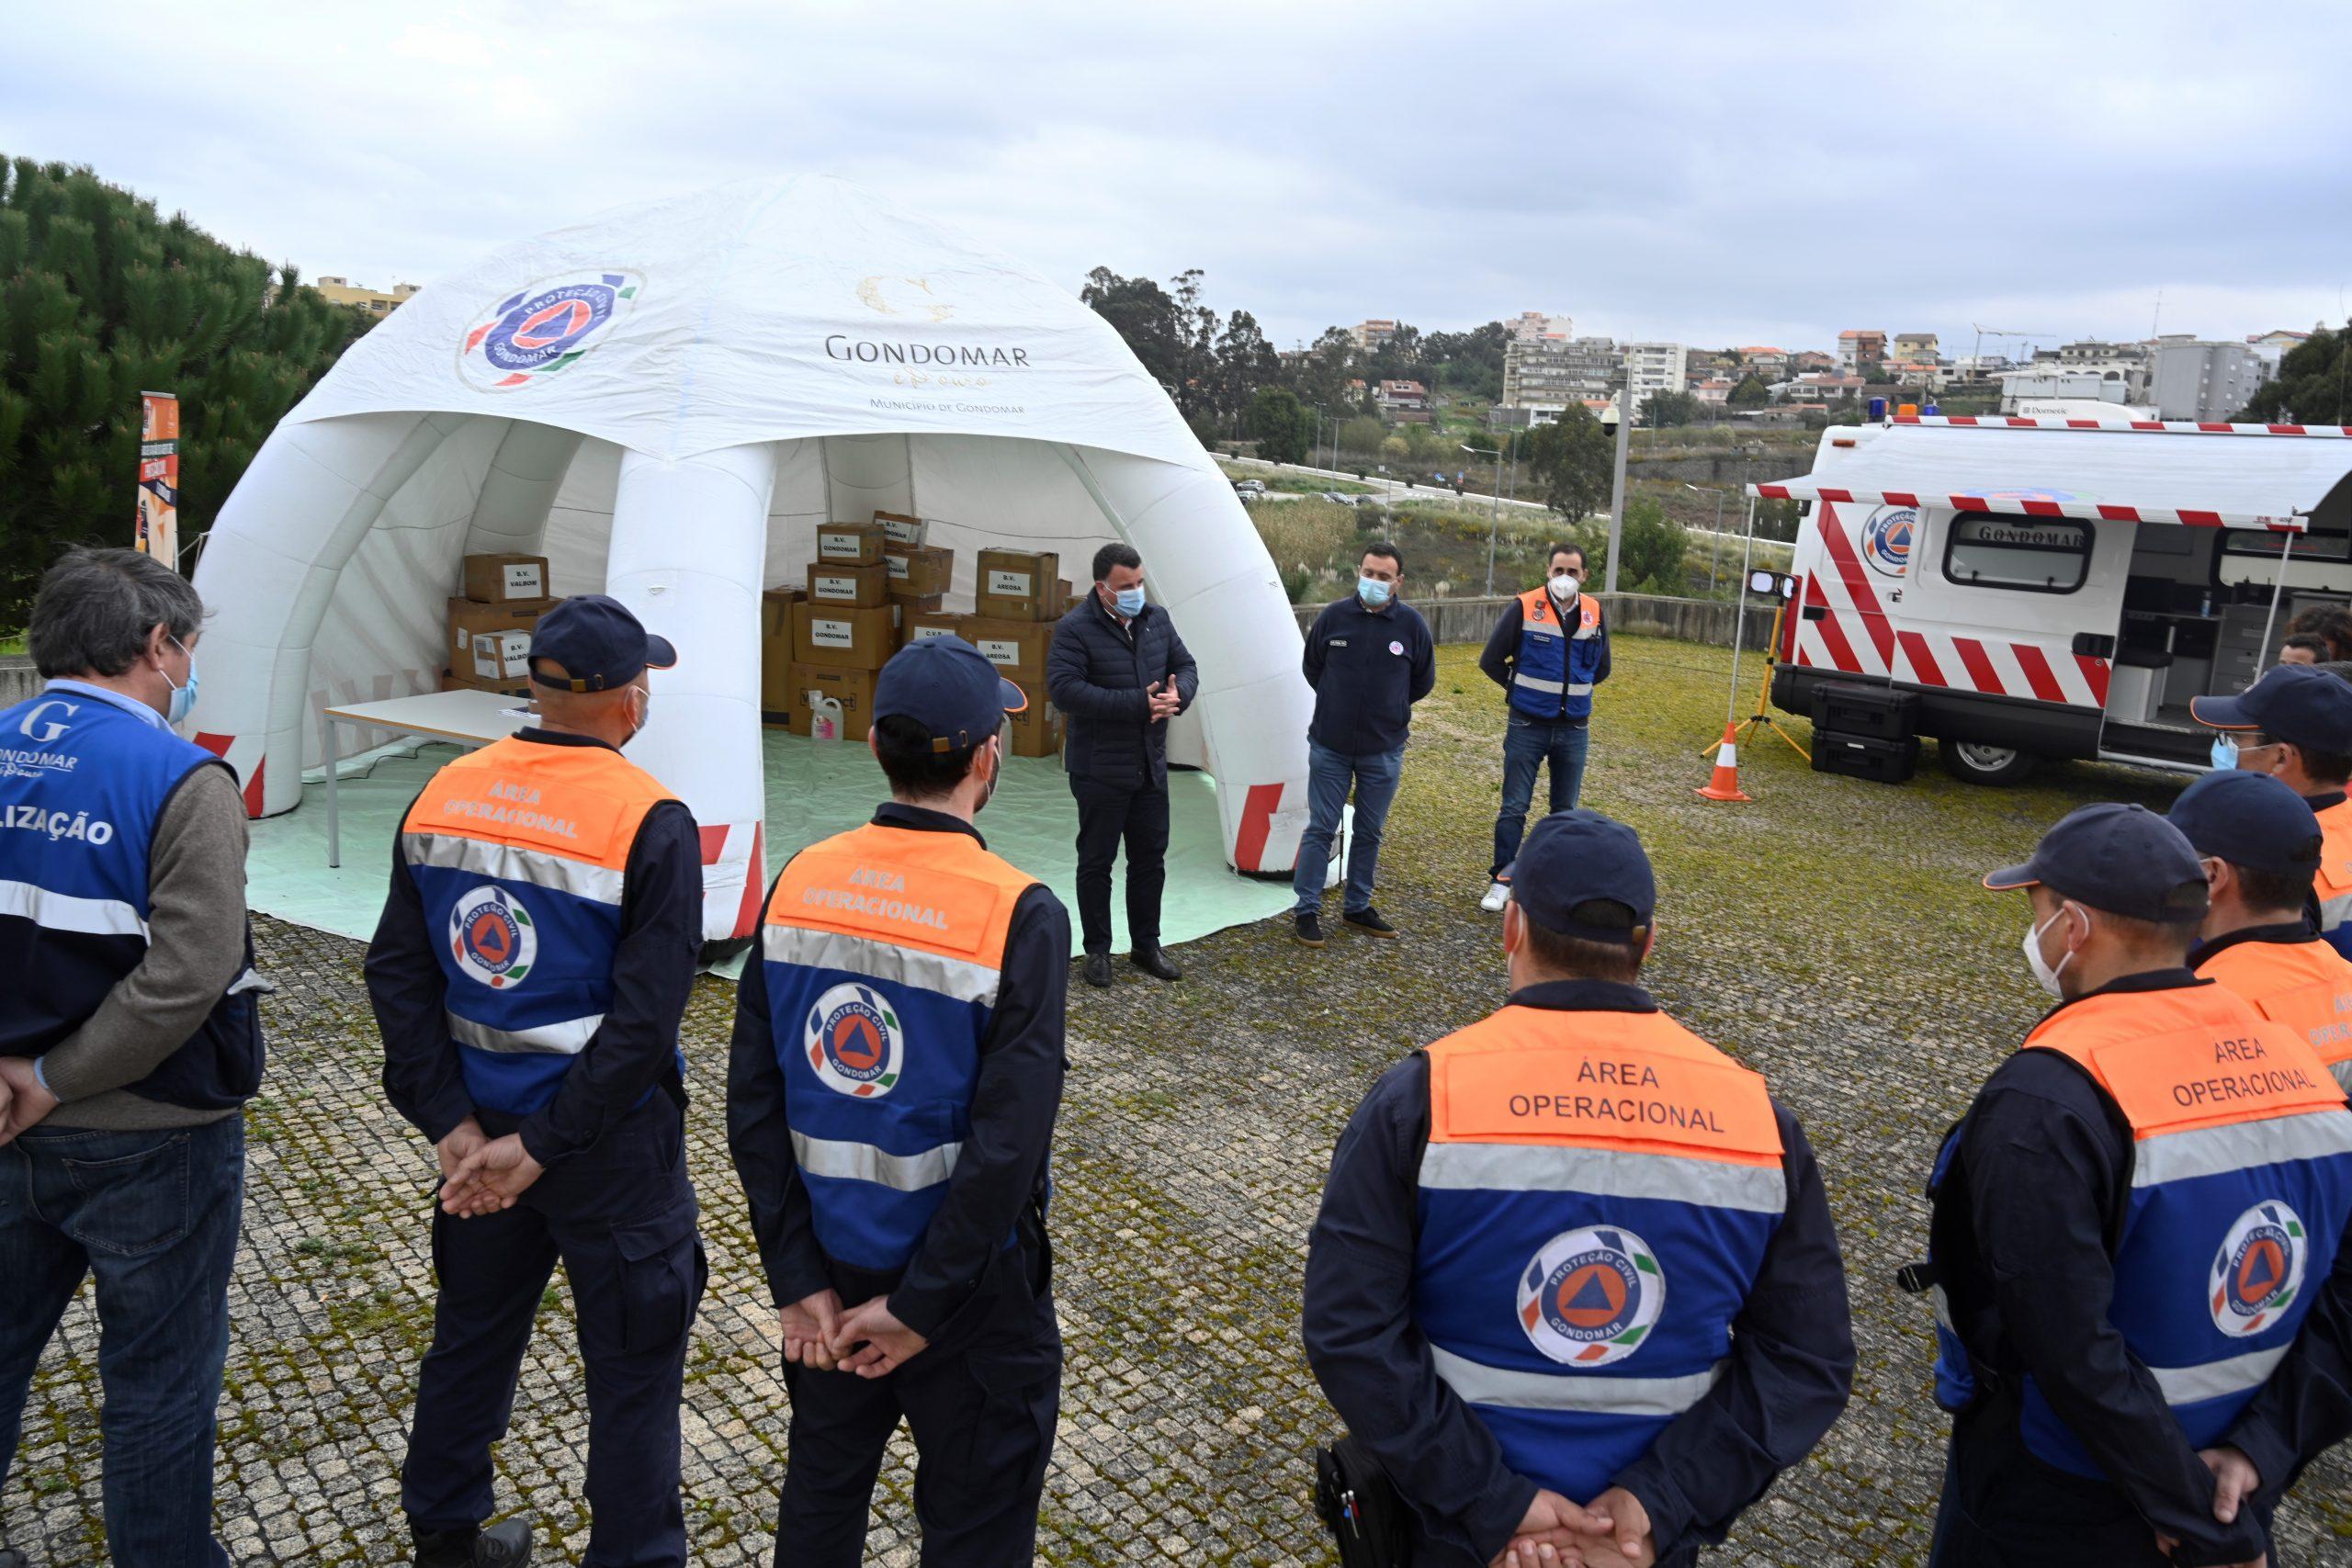 Assinalado o Dia Mundial da Proteção Civil com entrega de EPI's